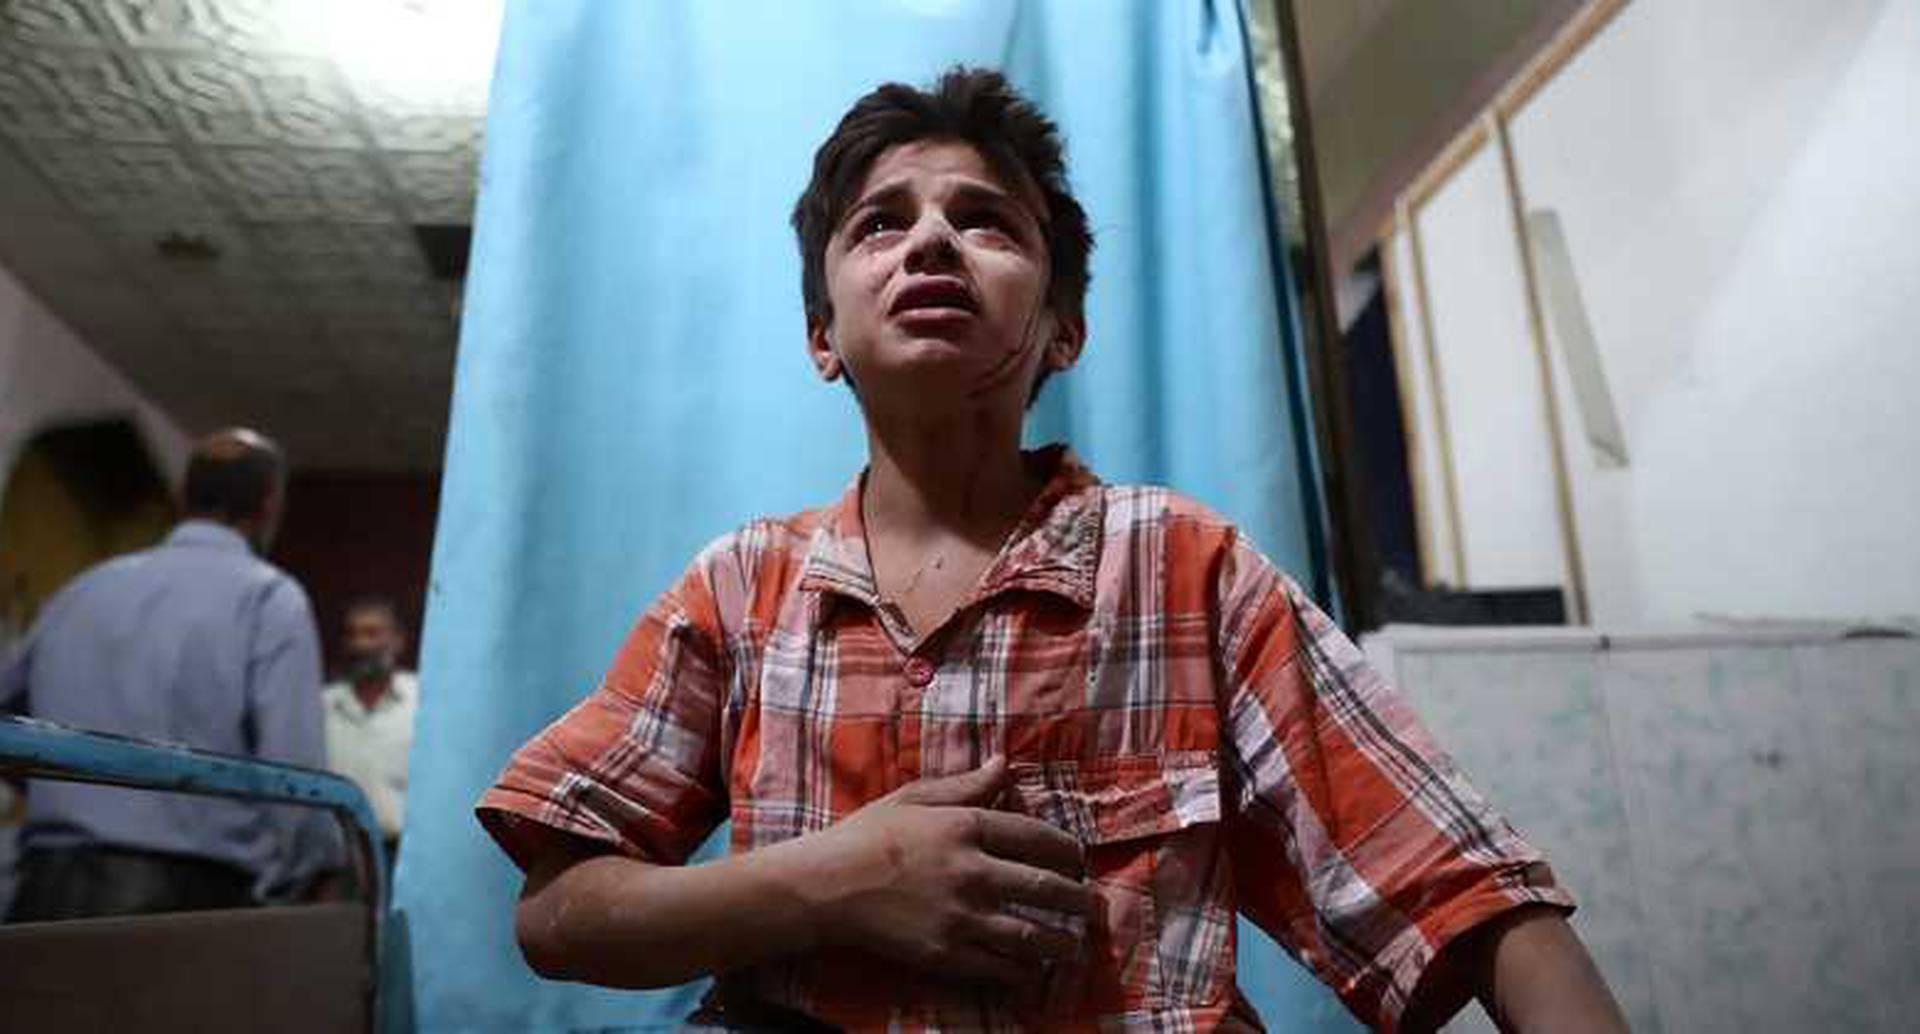 Un niño sirio herido llora mientras espera tratamiento en la clínica, después de un ataque en Damasco. 18 de agosto del 2016. Foto: AFP.